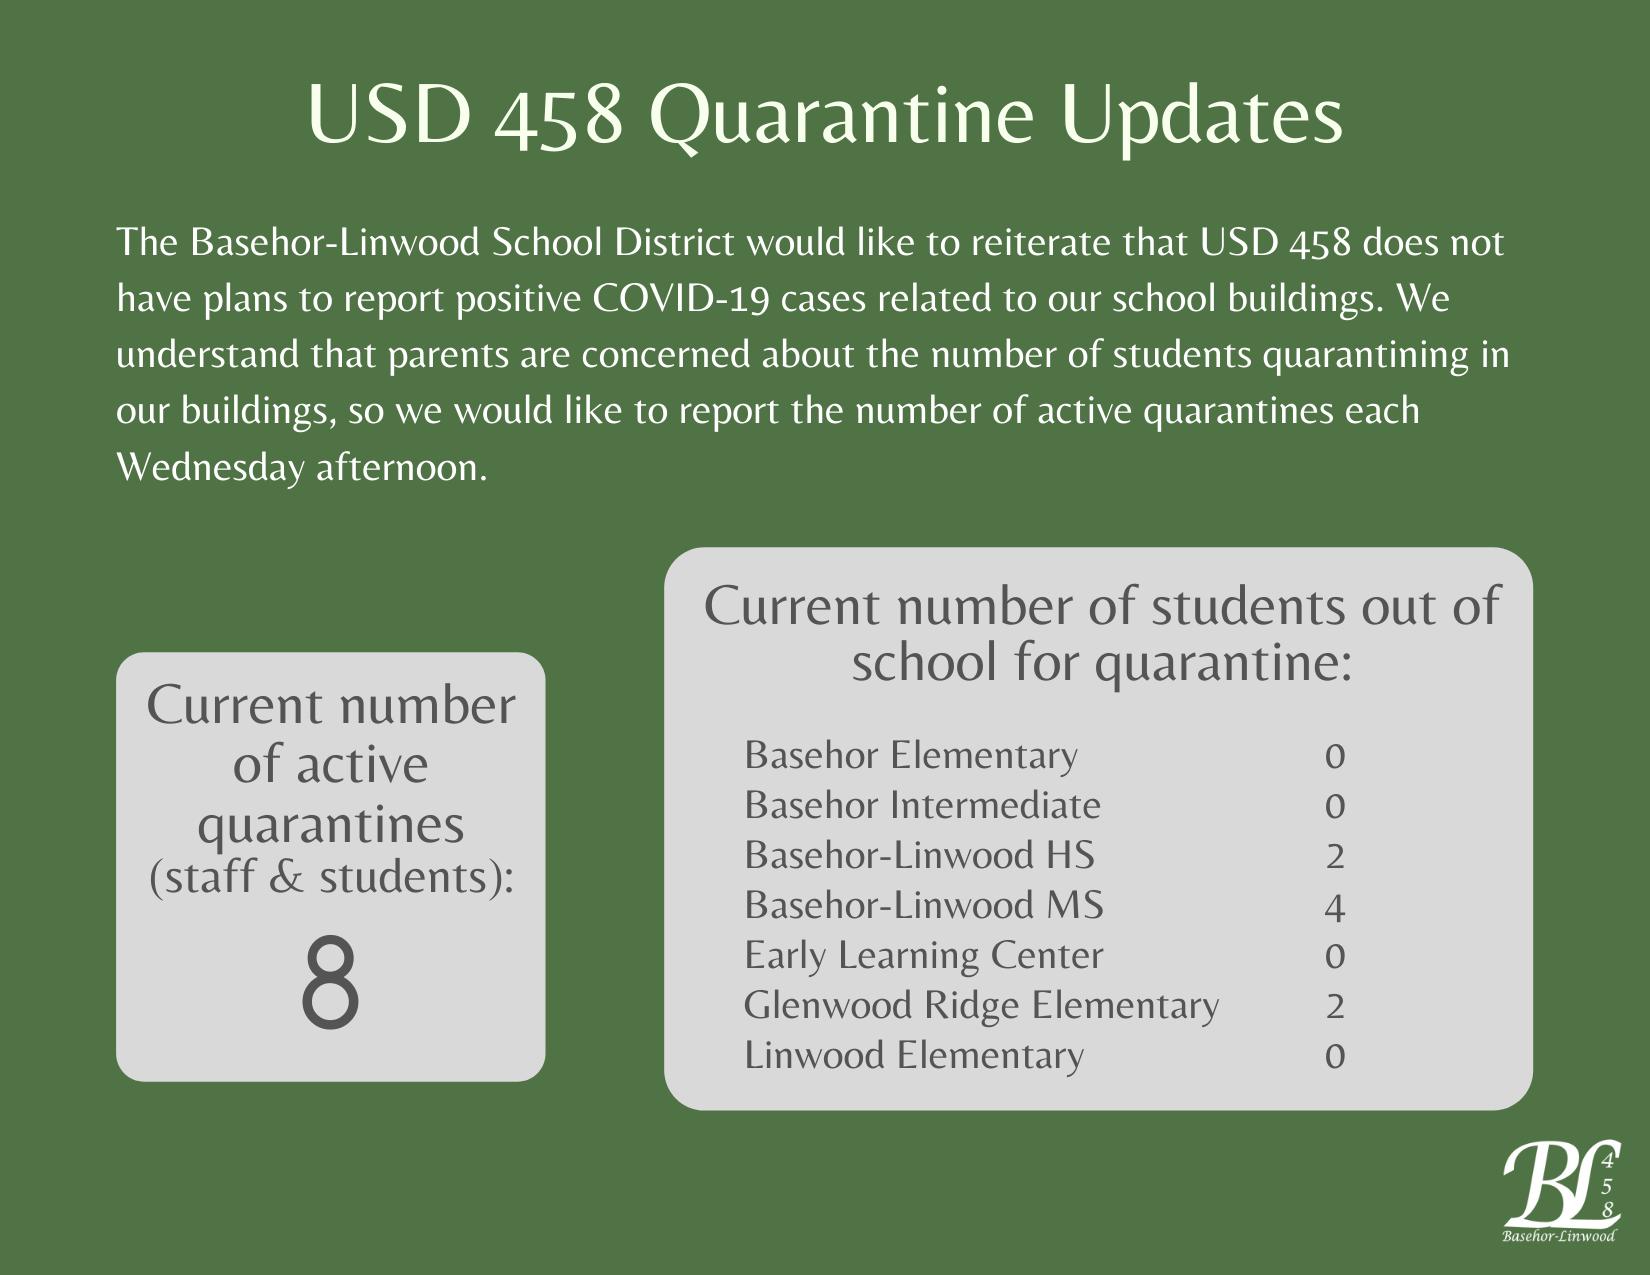 8 quarantines